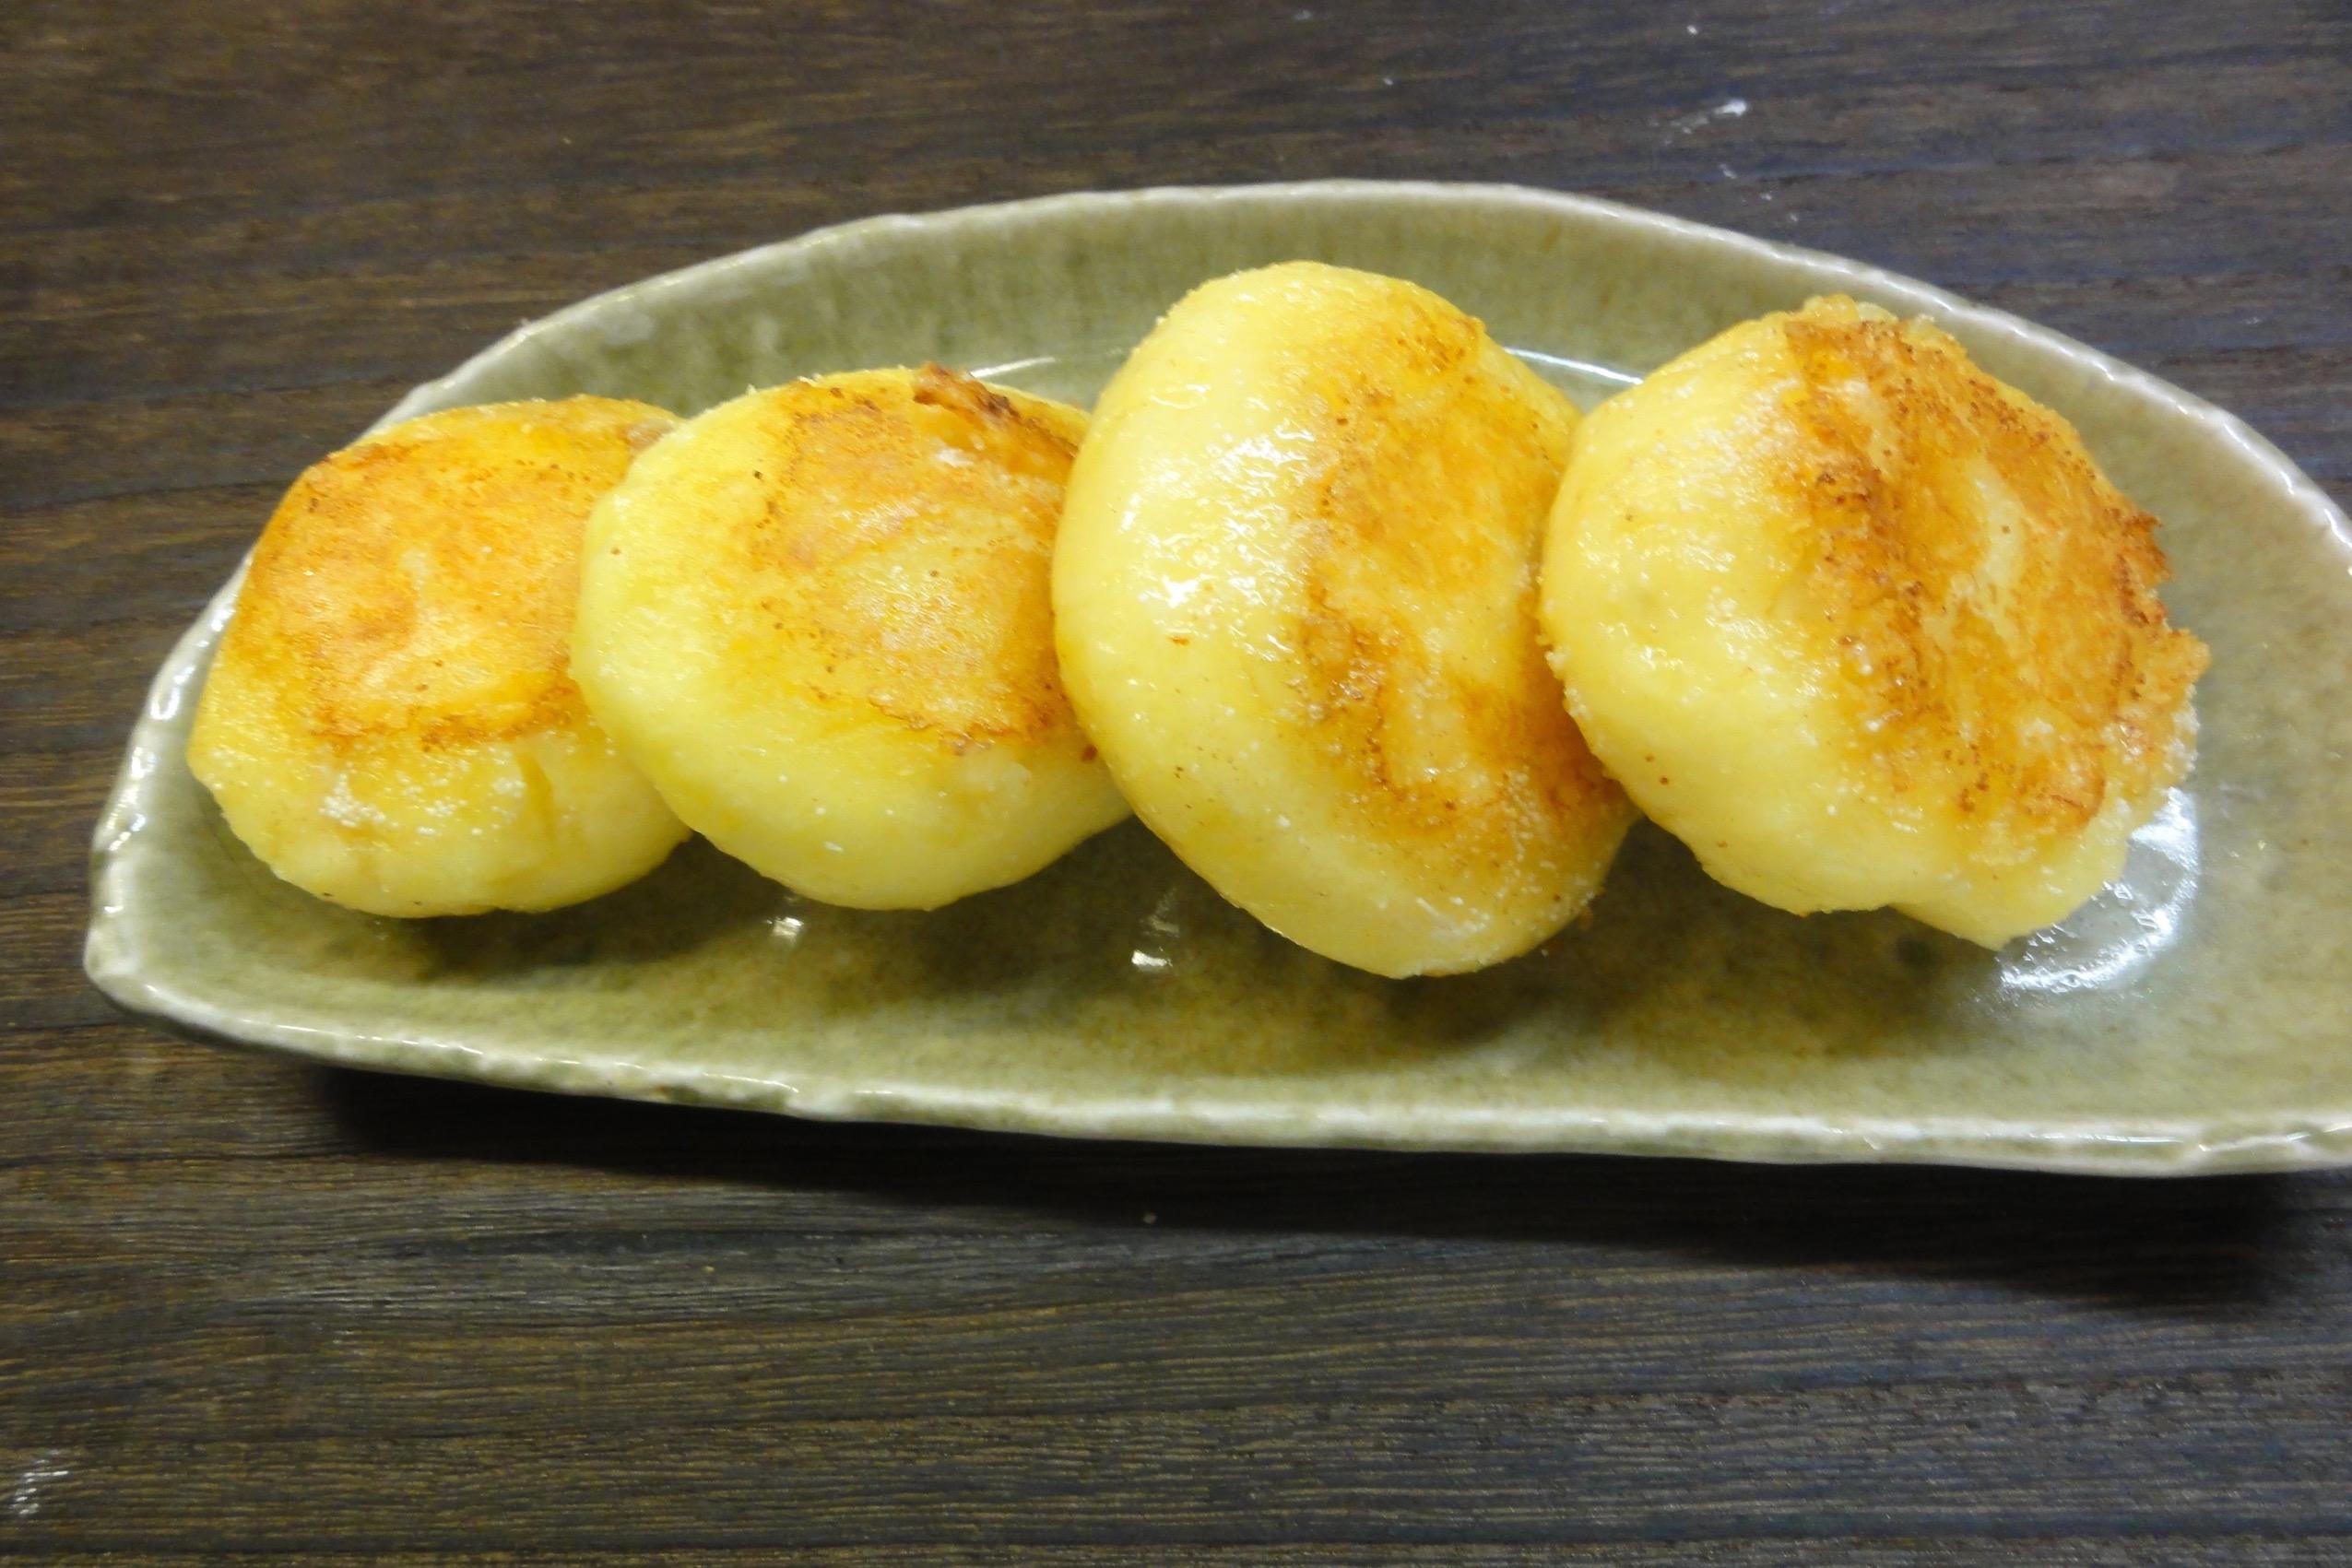 明太チーズじゃがいもおやき